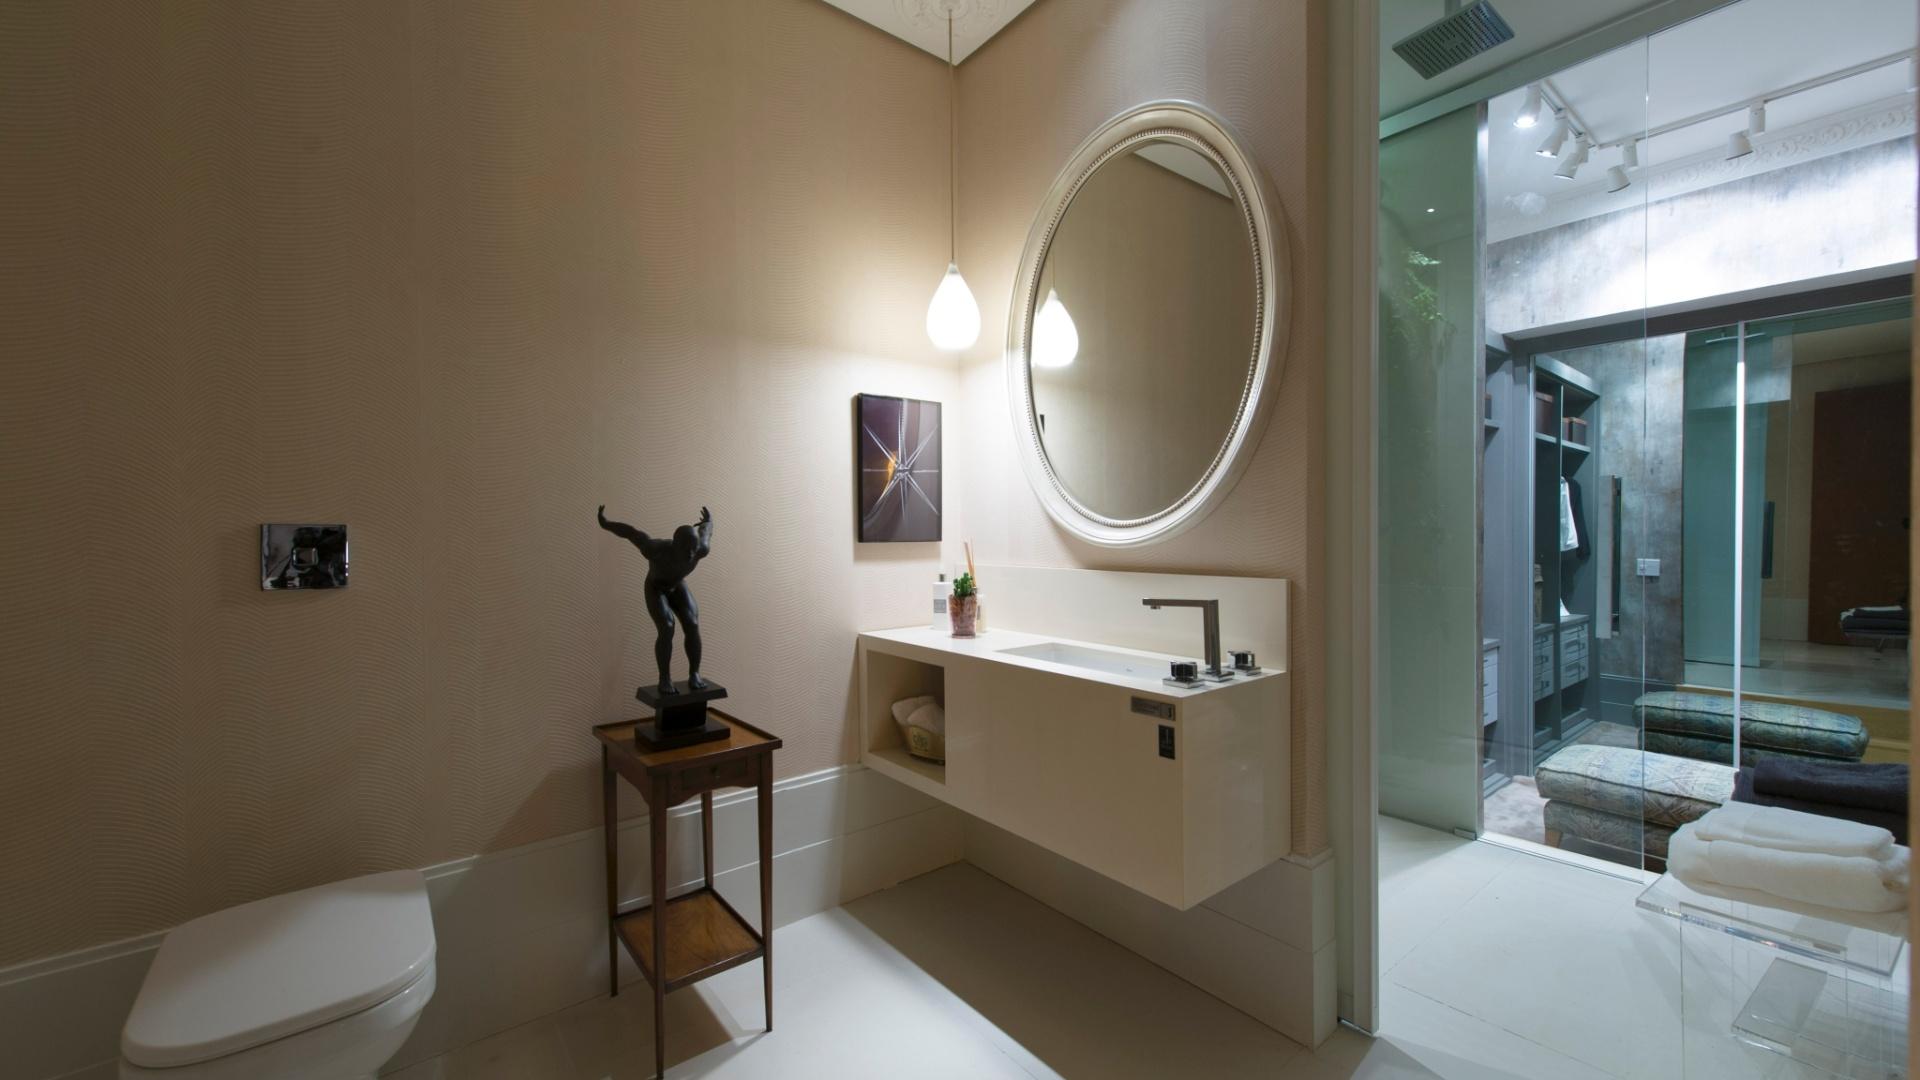 Banheiro Com Banheiras 7 Hd Walls Find Wallpapers #5C4C39 1920x1080 Banheiro Com Banheira De Canto